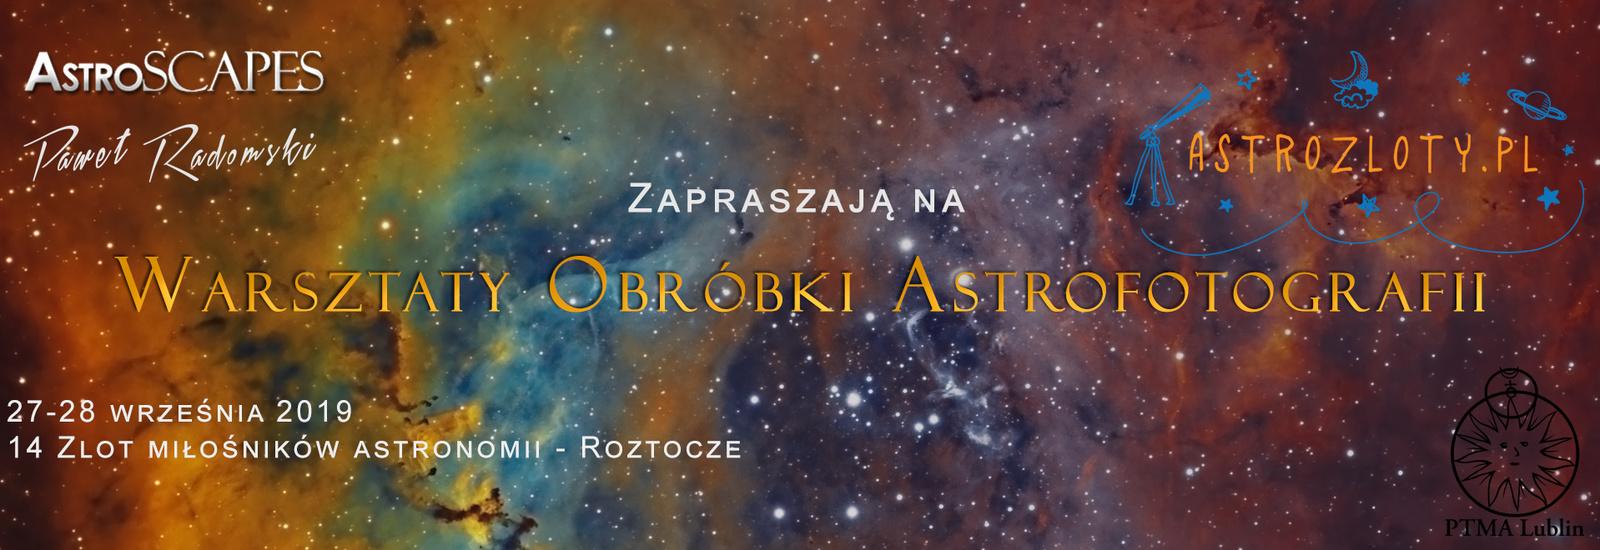 Rozeta_IIw.jpg